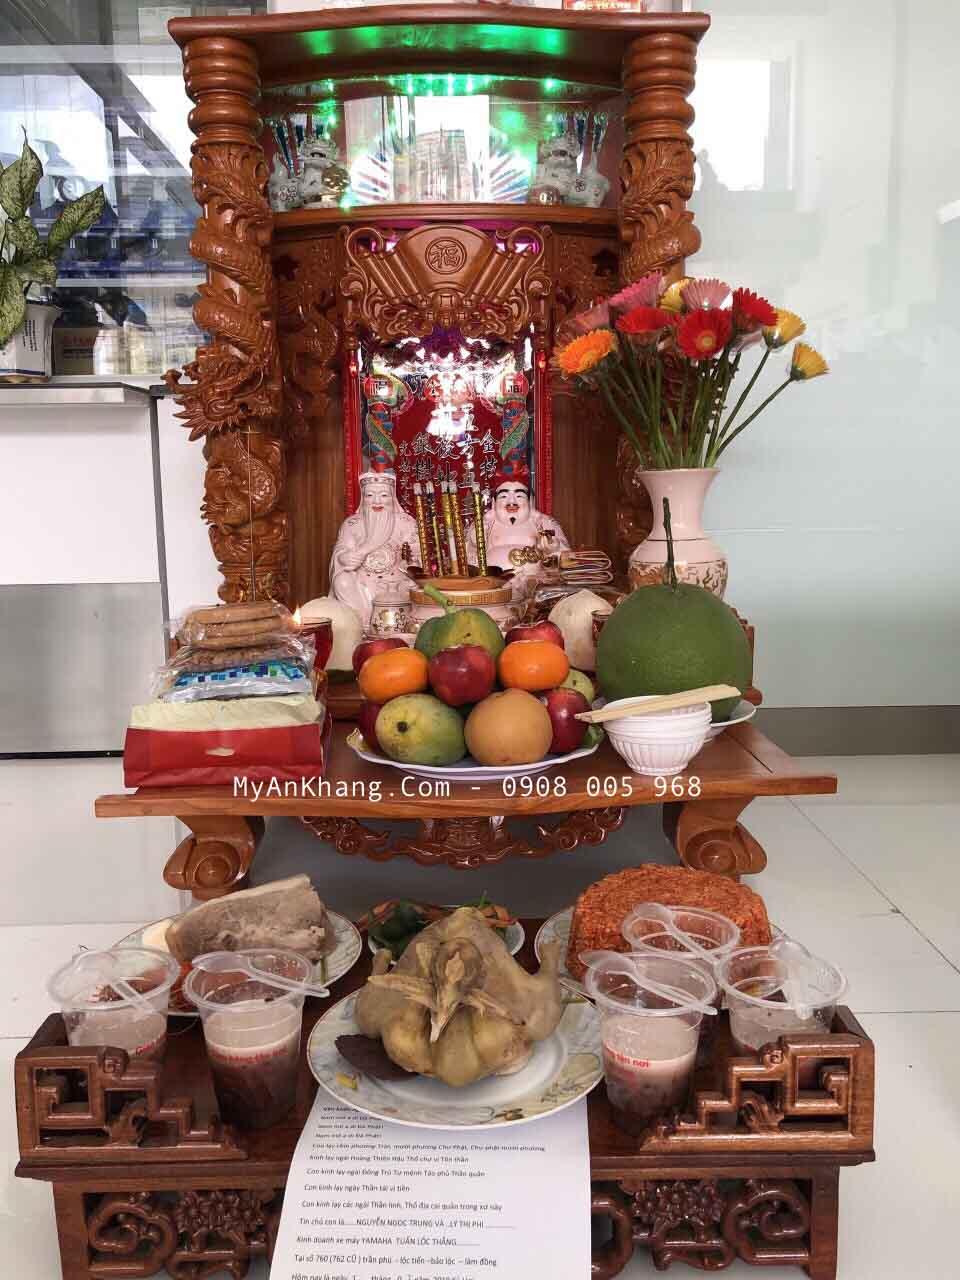 Bàn thờ ông địa thần tài đẹp Bảo Lộc, Lâm Đồng